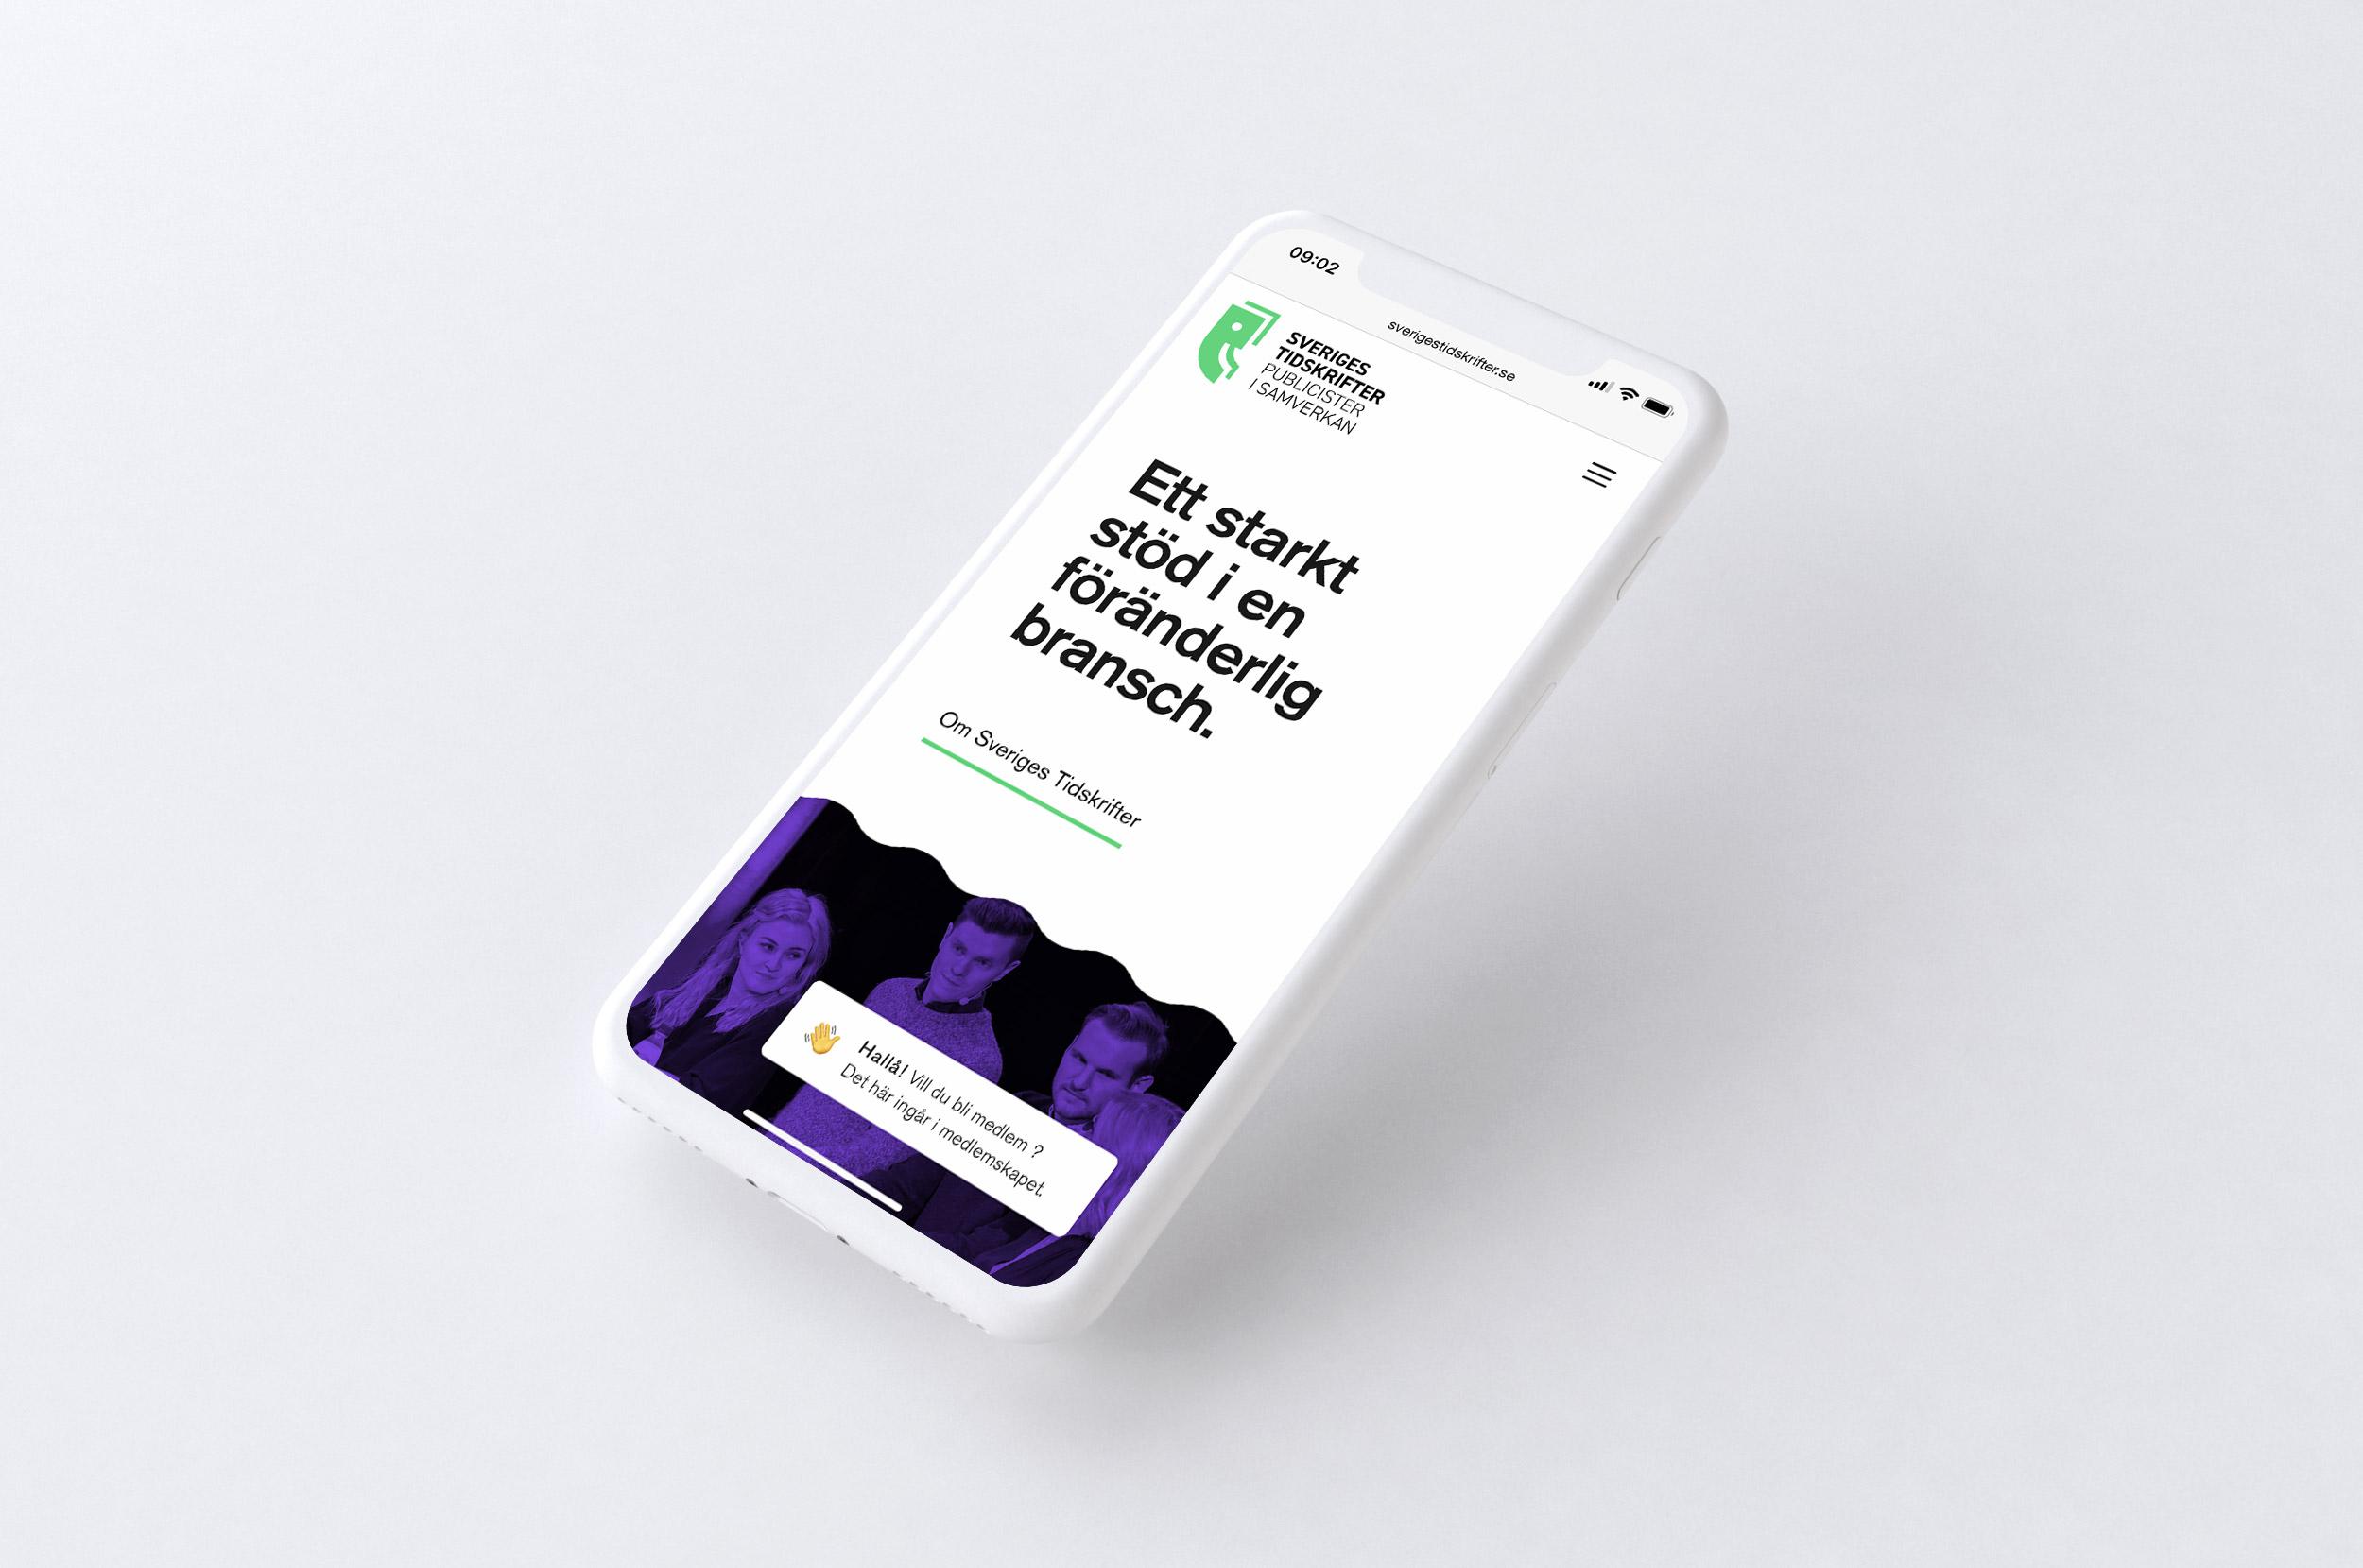 Sveriges Tidskrifter webb mobil